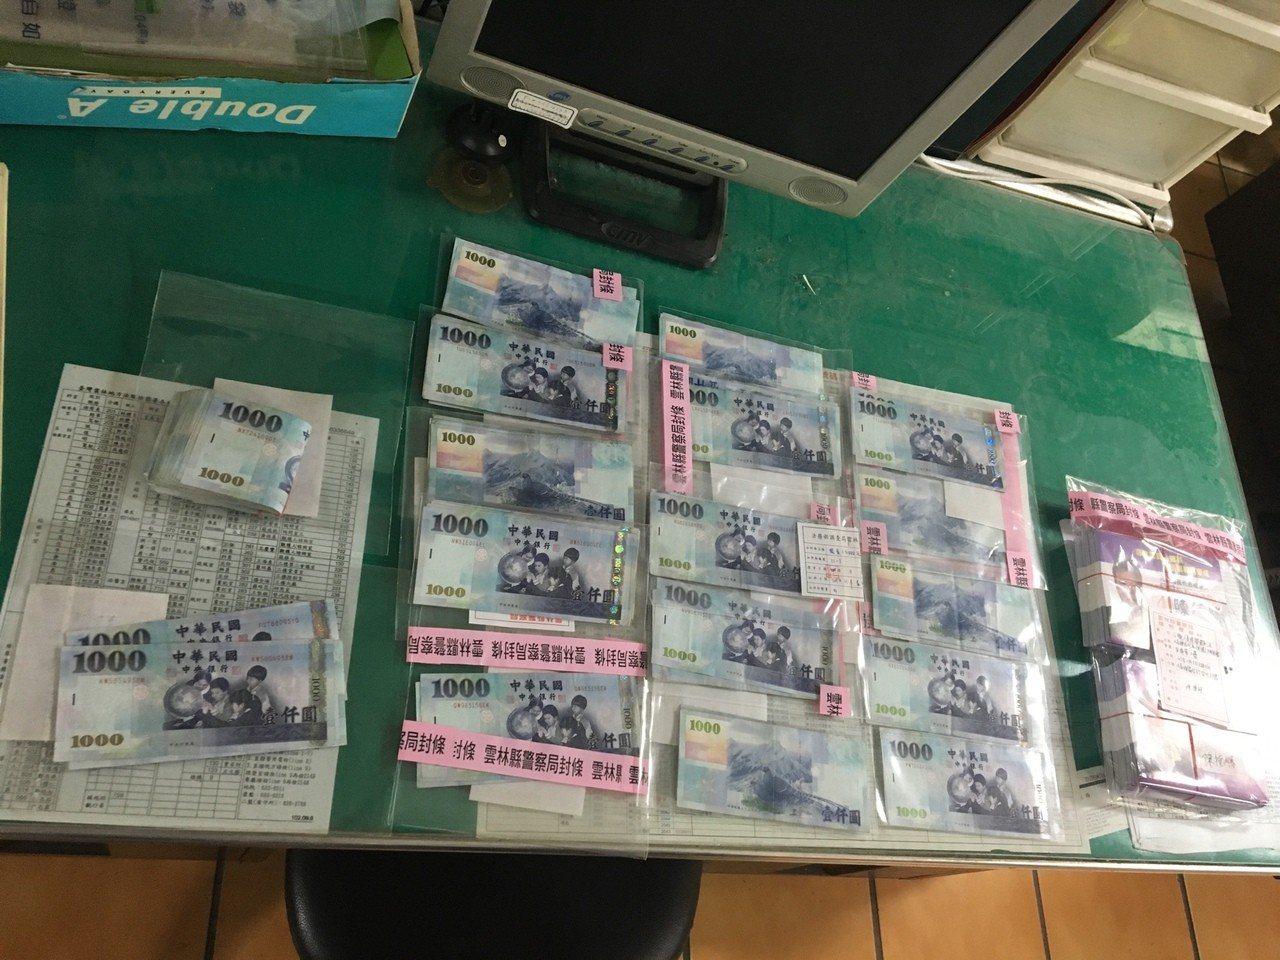 雲林查賄小組查獲現金買票,起出現款15萬元,候選人遭收押禁見。記者蔡維斌/翻攝